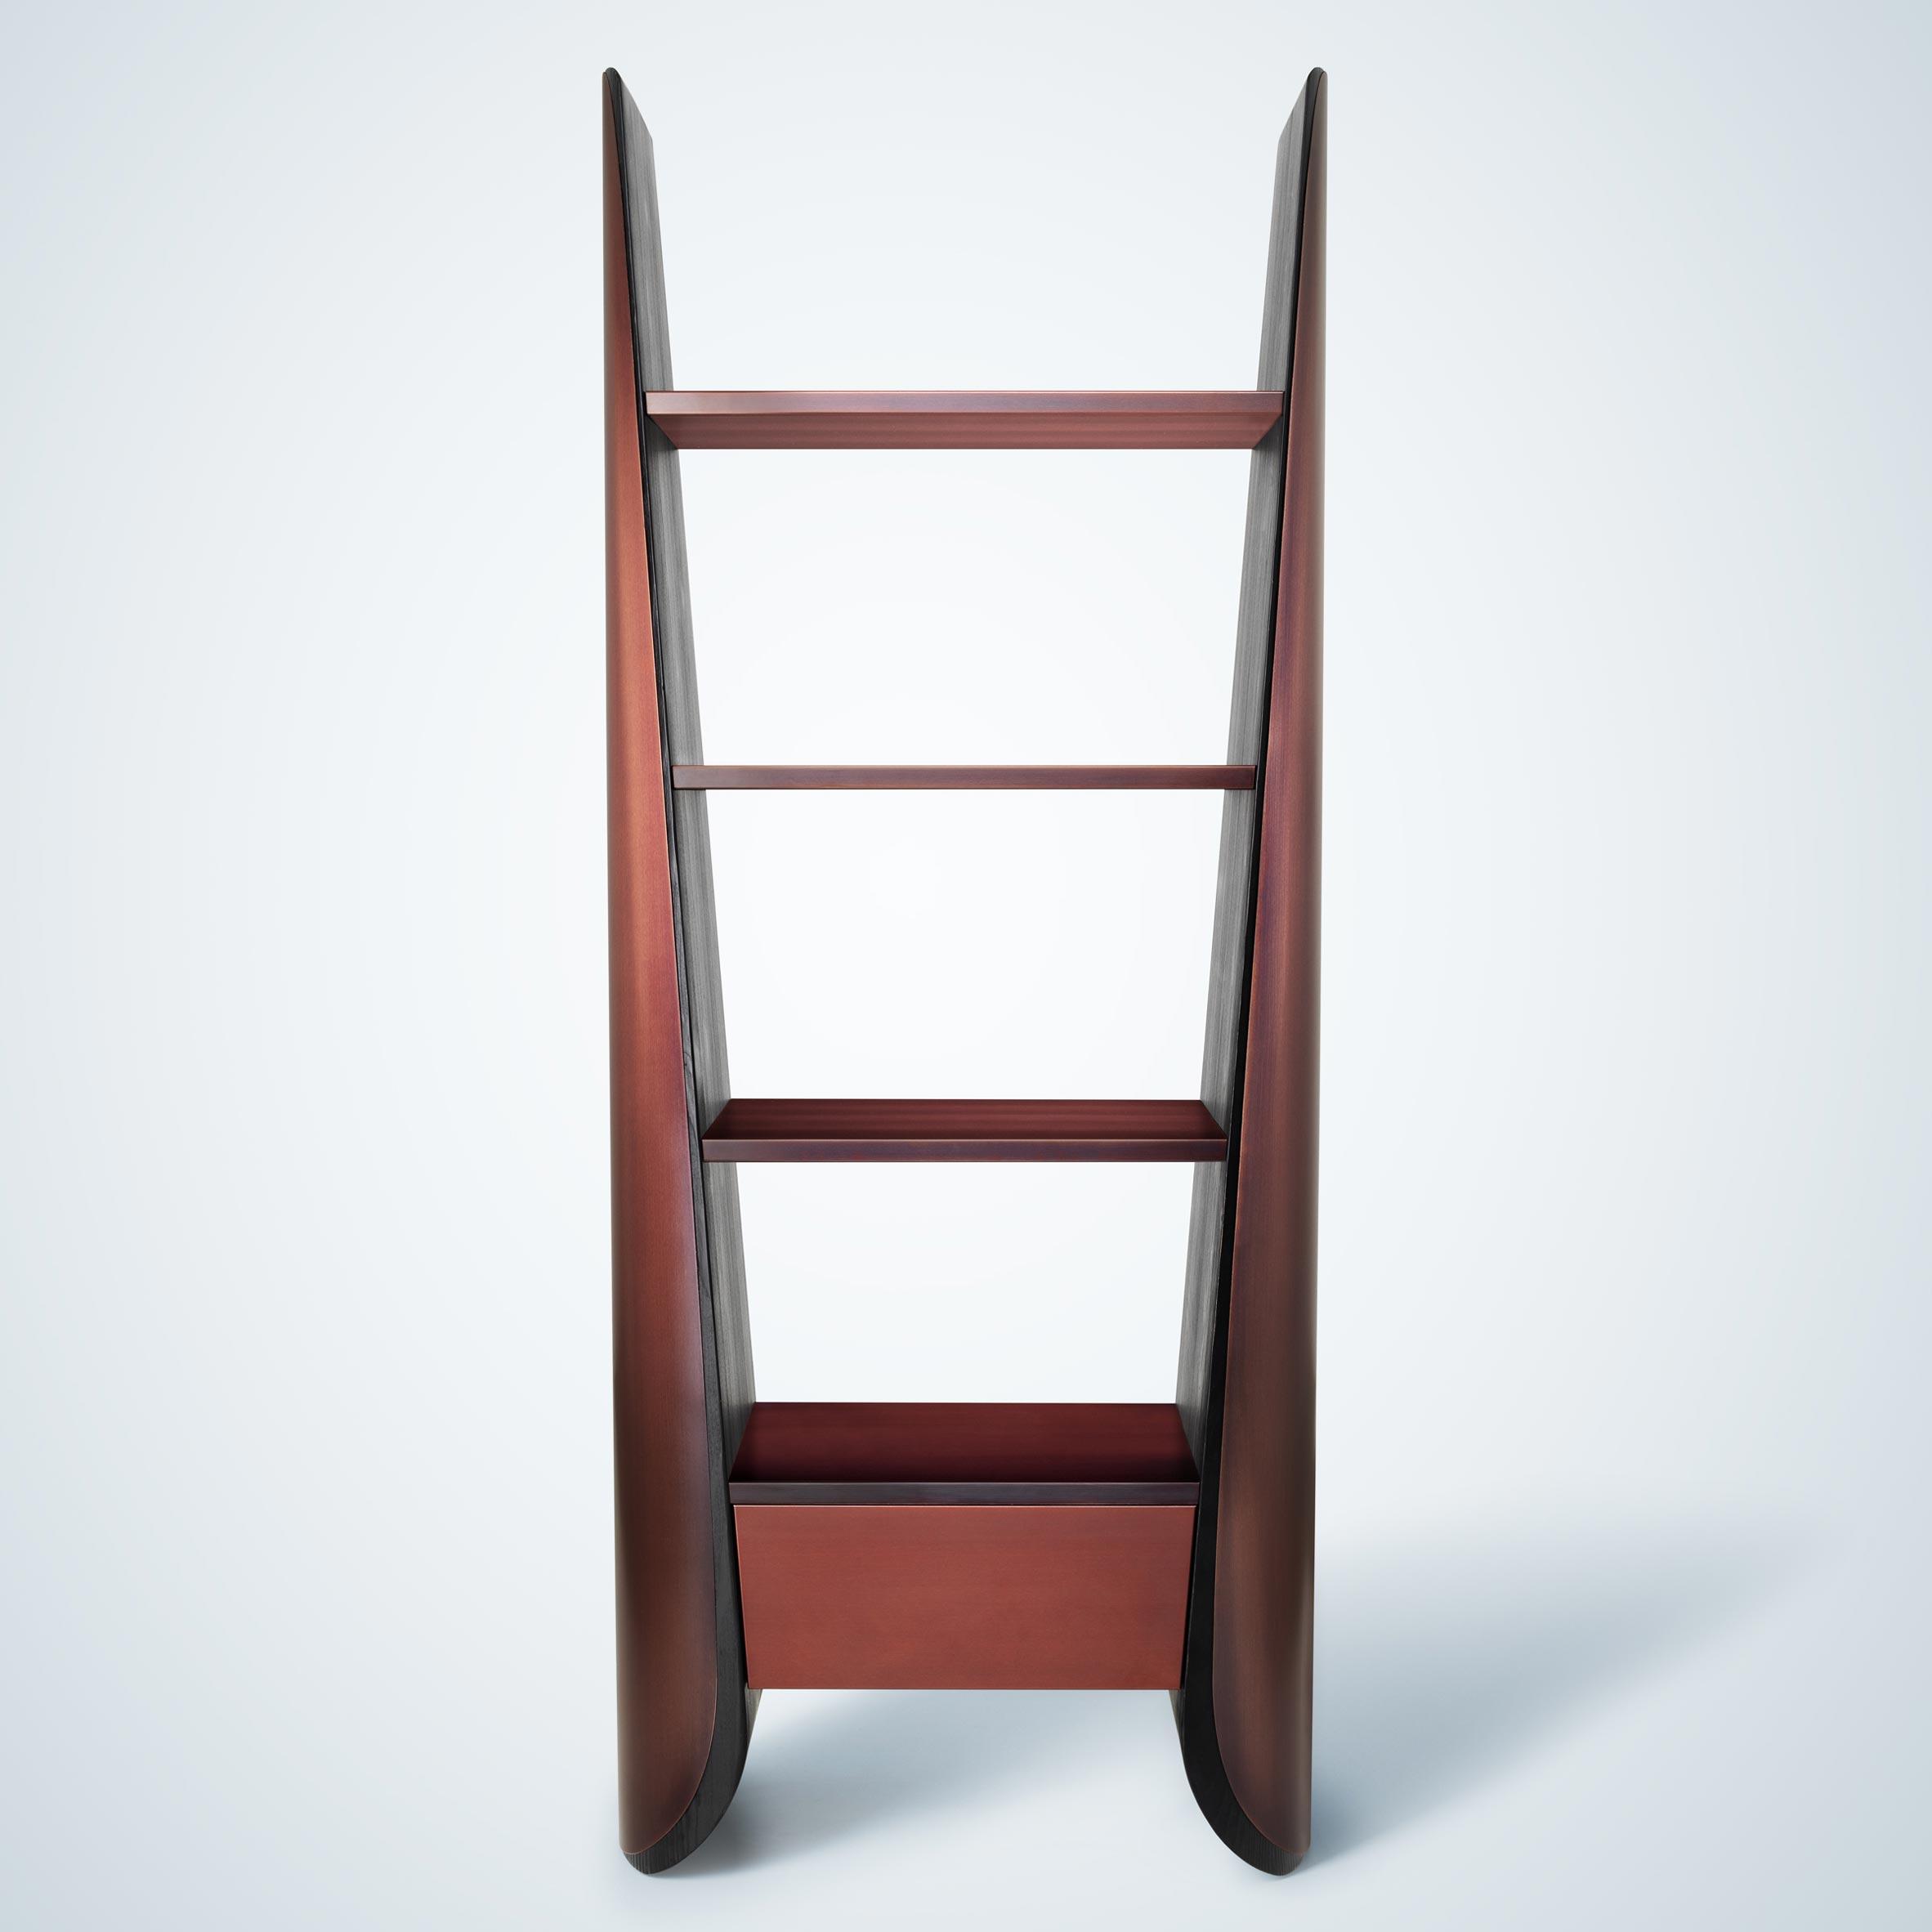 tracing-identity-milan-design-week-furniture_dezeen_guisset_volte_2364_col_sq